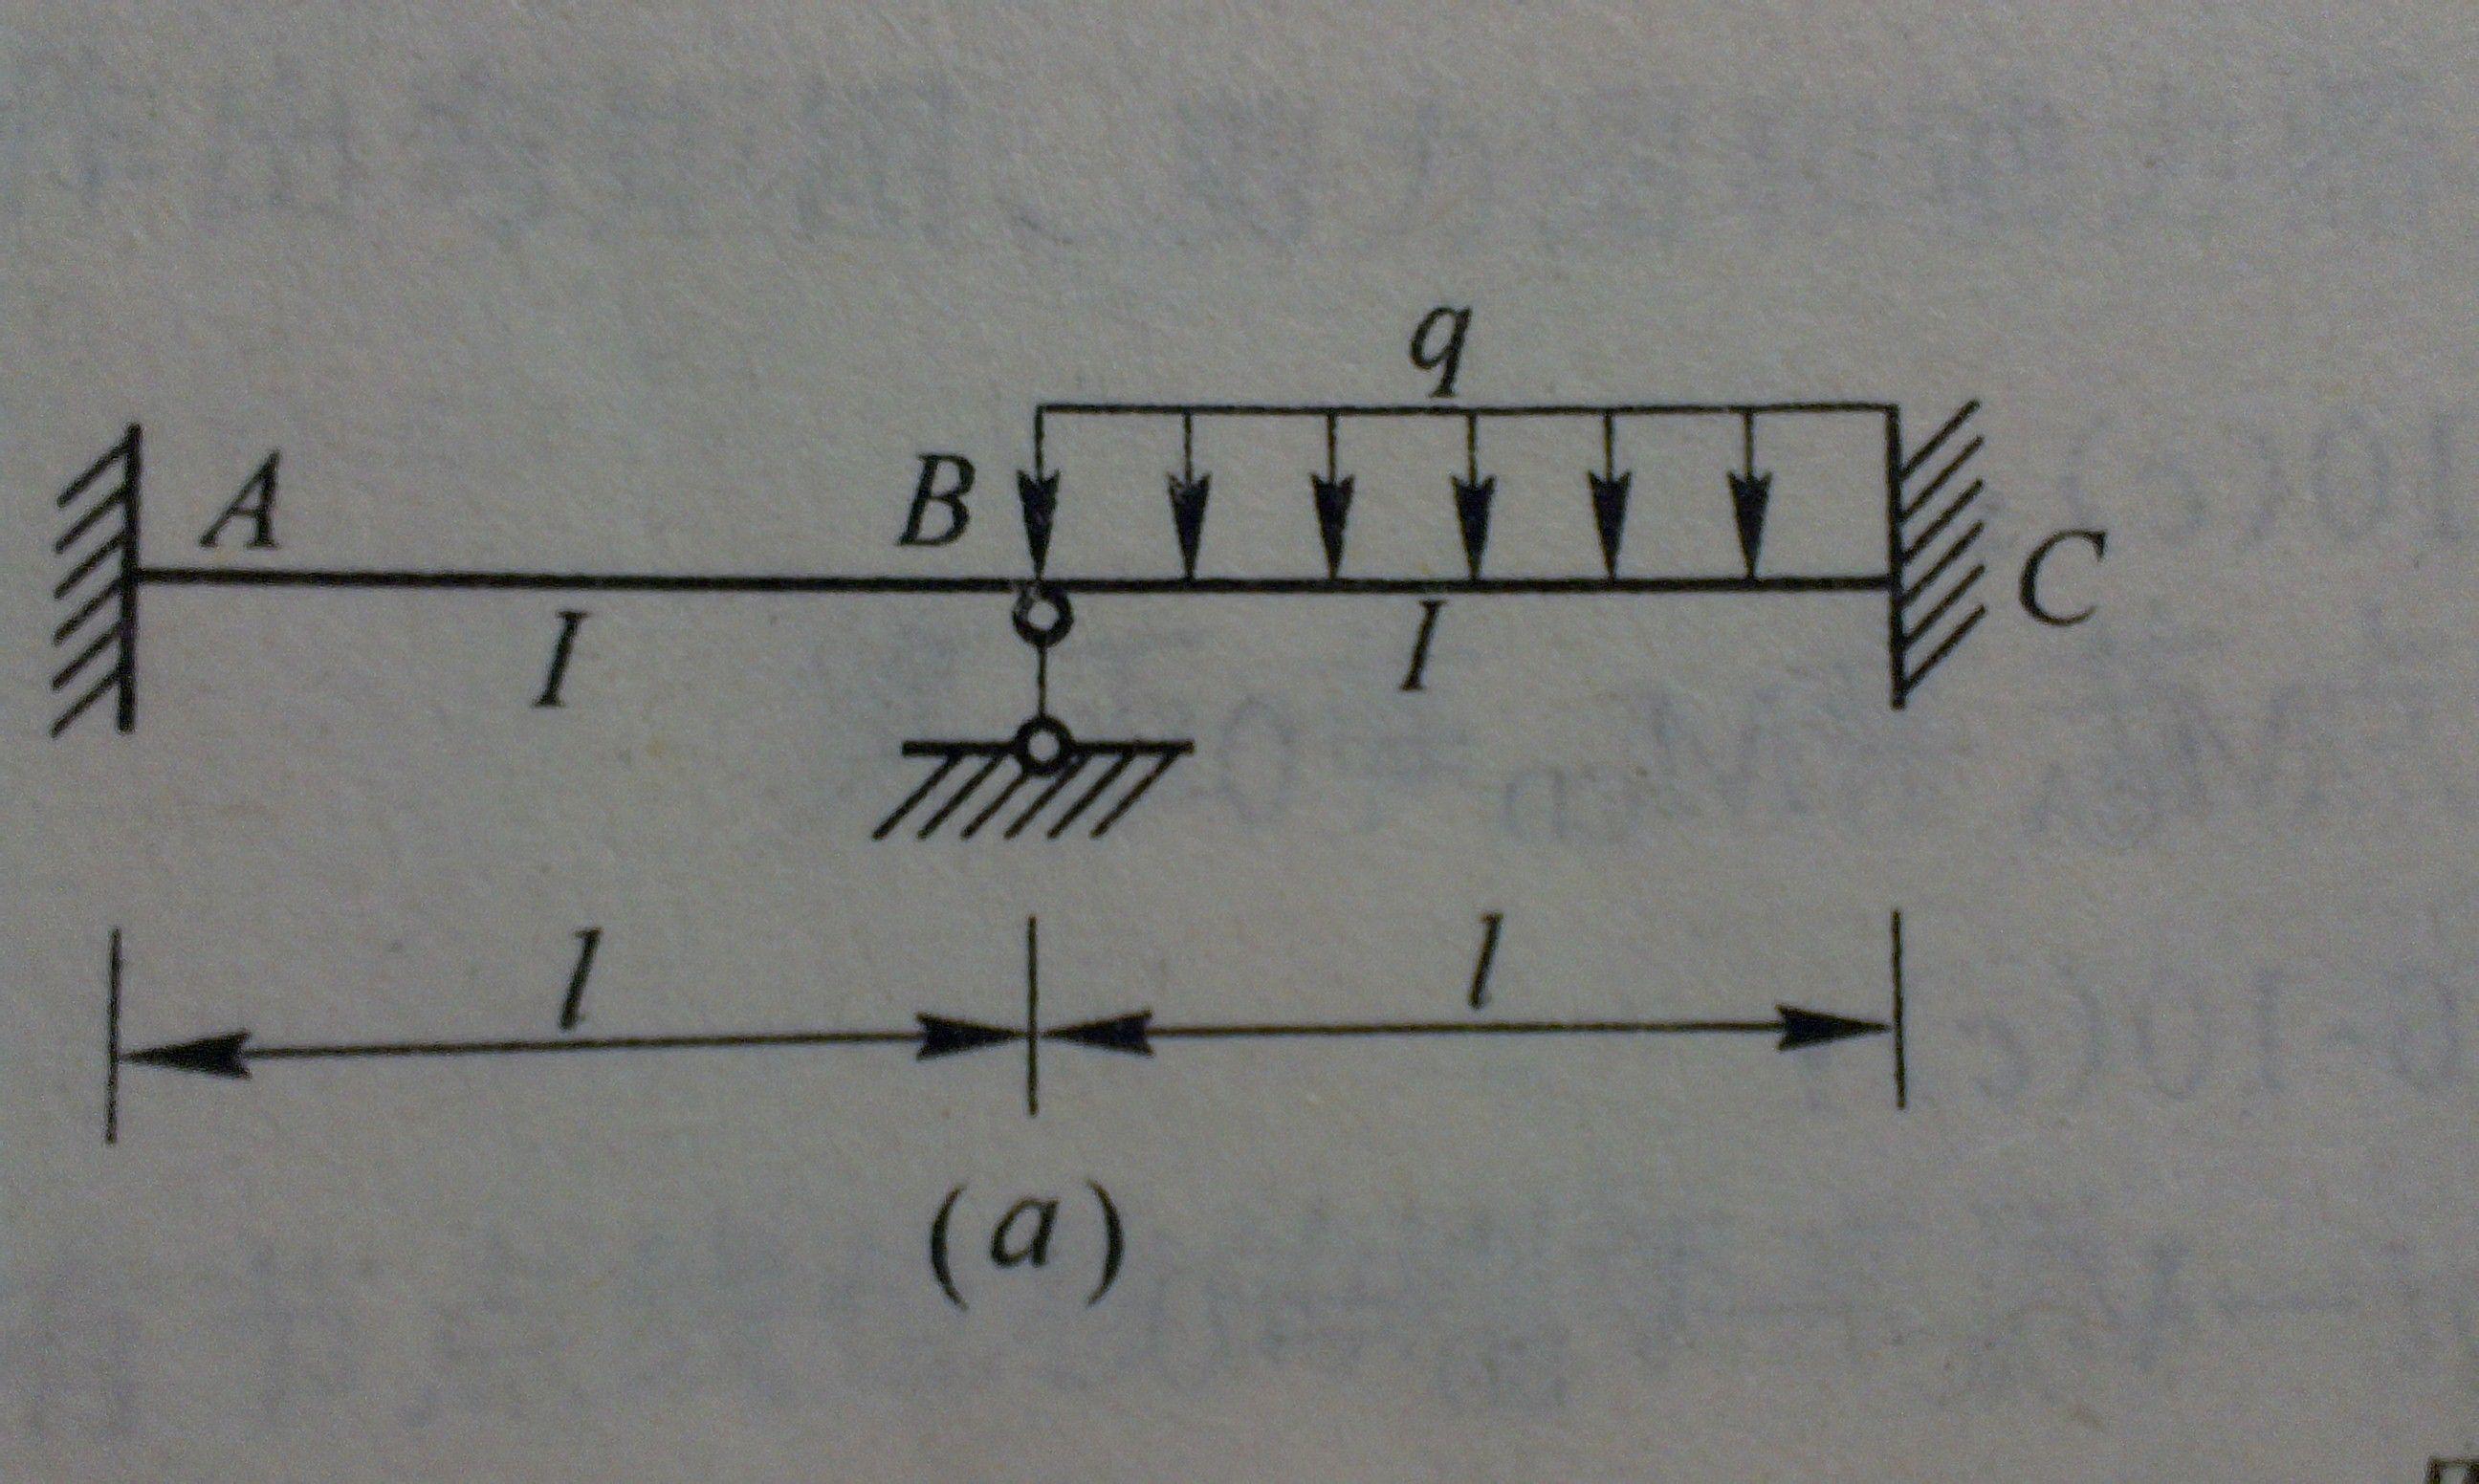 用位移法计算图示梁和刚架内力并弯矩图